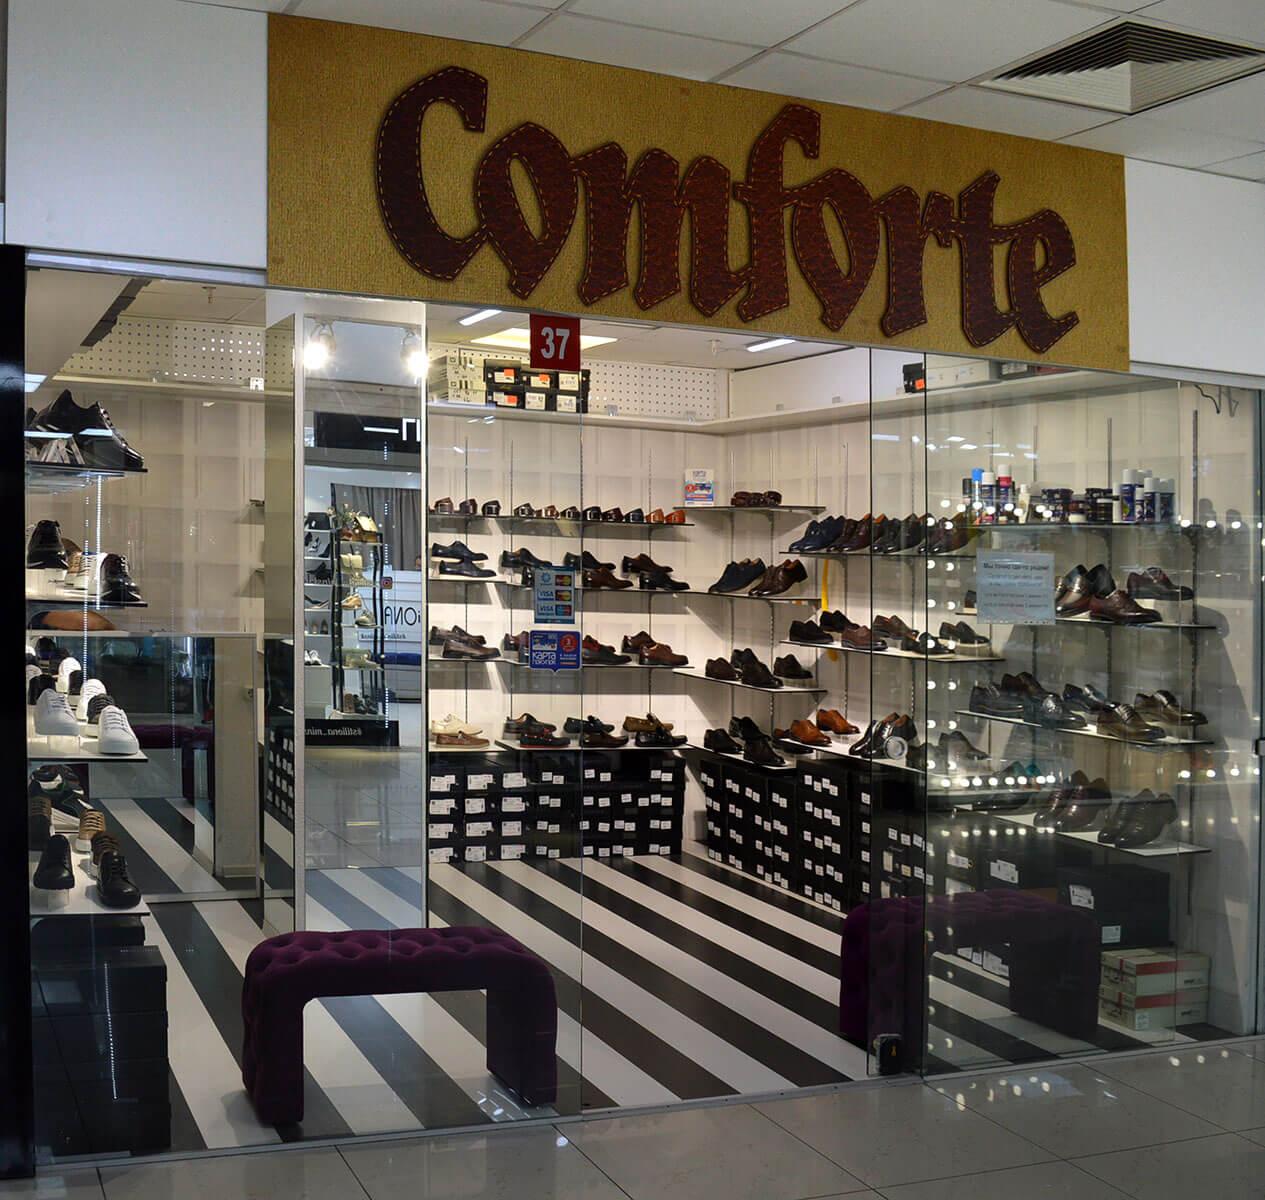 Comforte - магазин мужской обуви на 1-м этаже в павильогне №37 Торгового центра